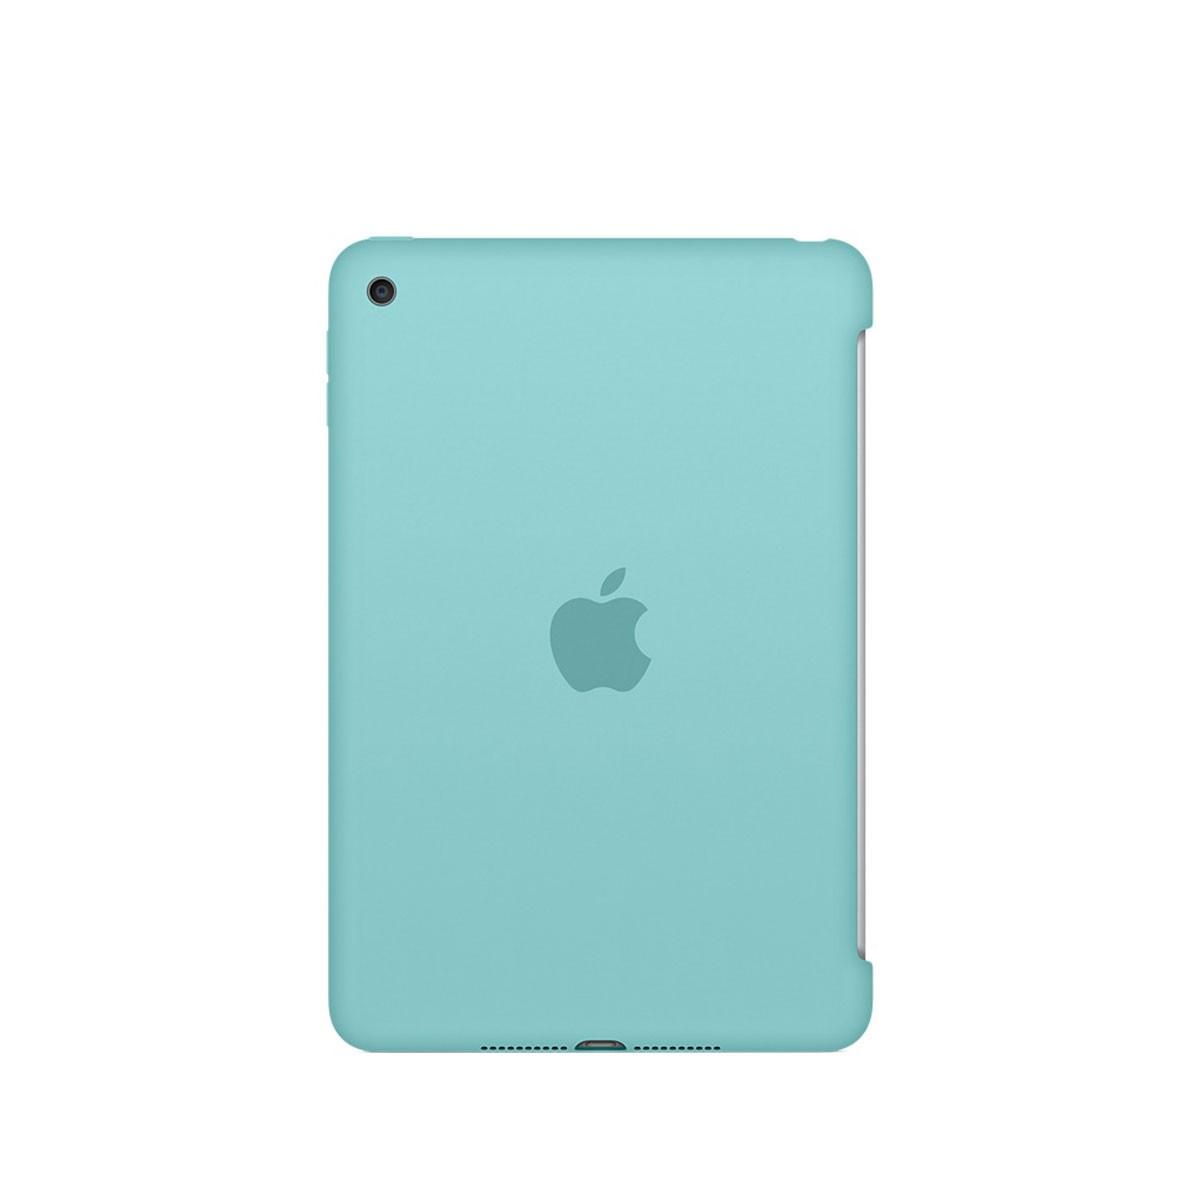 Apple Silikonové pouzdro na iPad mini 4 – jezerně modré